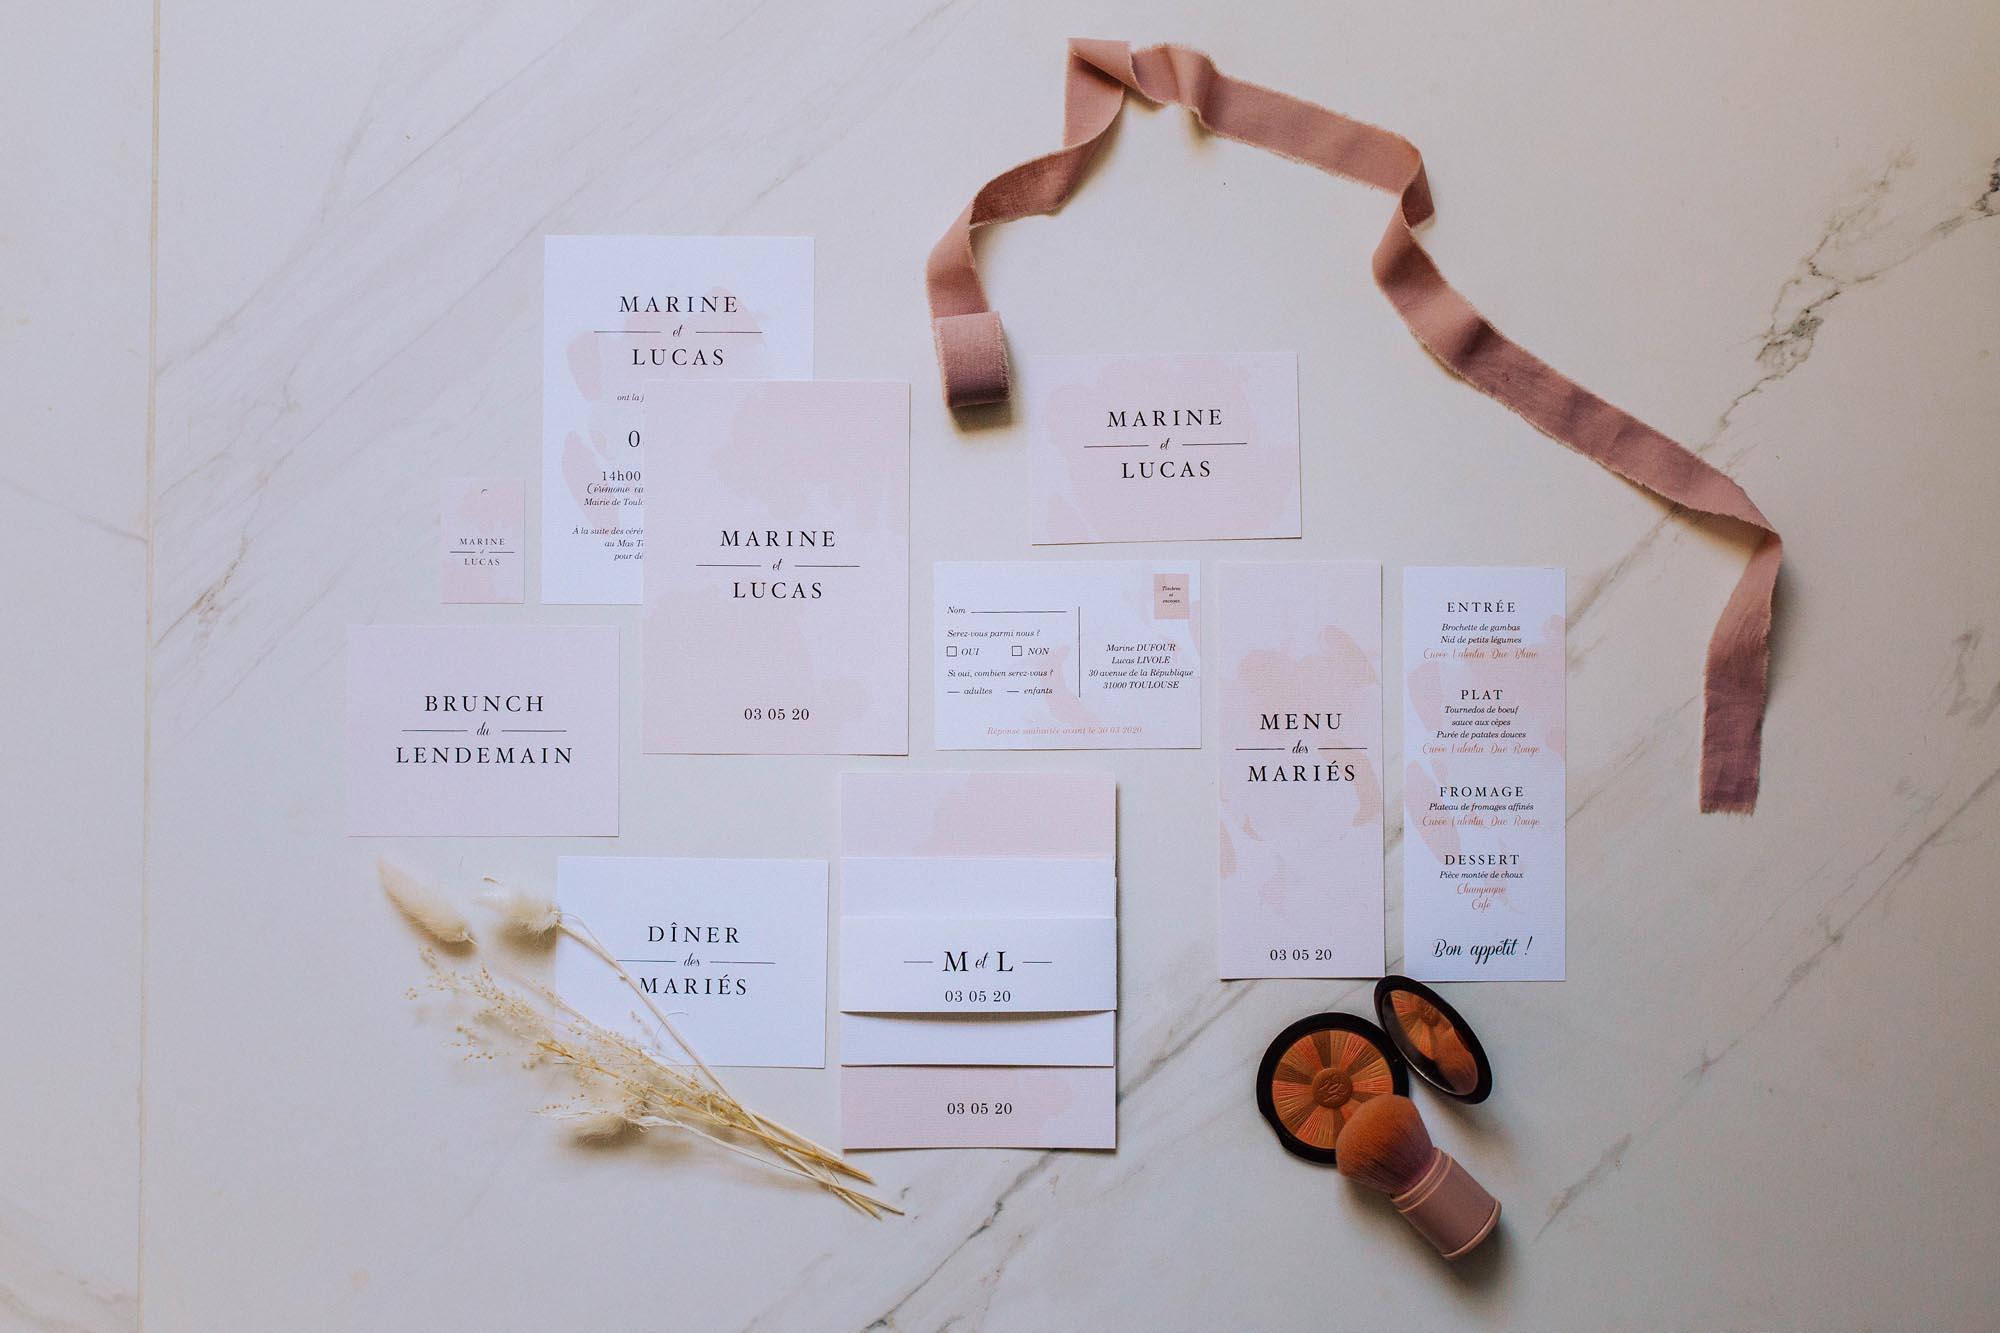 Collection mariage blush couleurs rose, rose poudré, rose clair, blanc, mariage thèmes doux, romantique